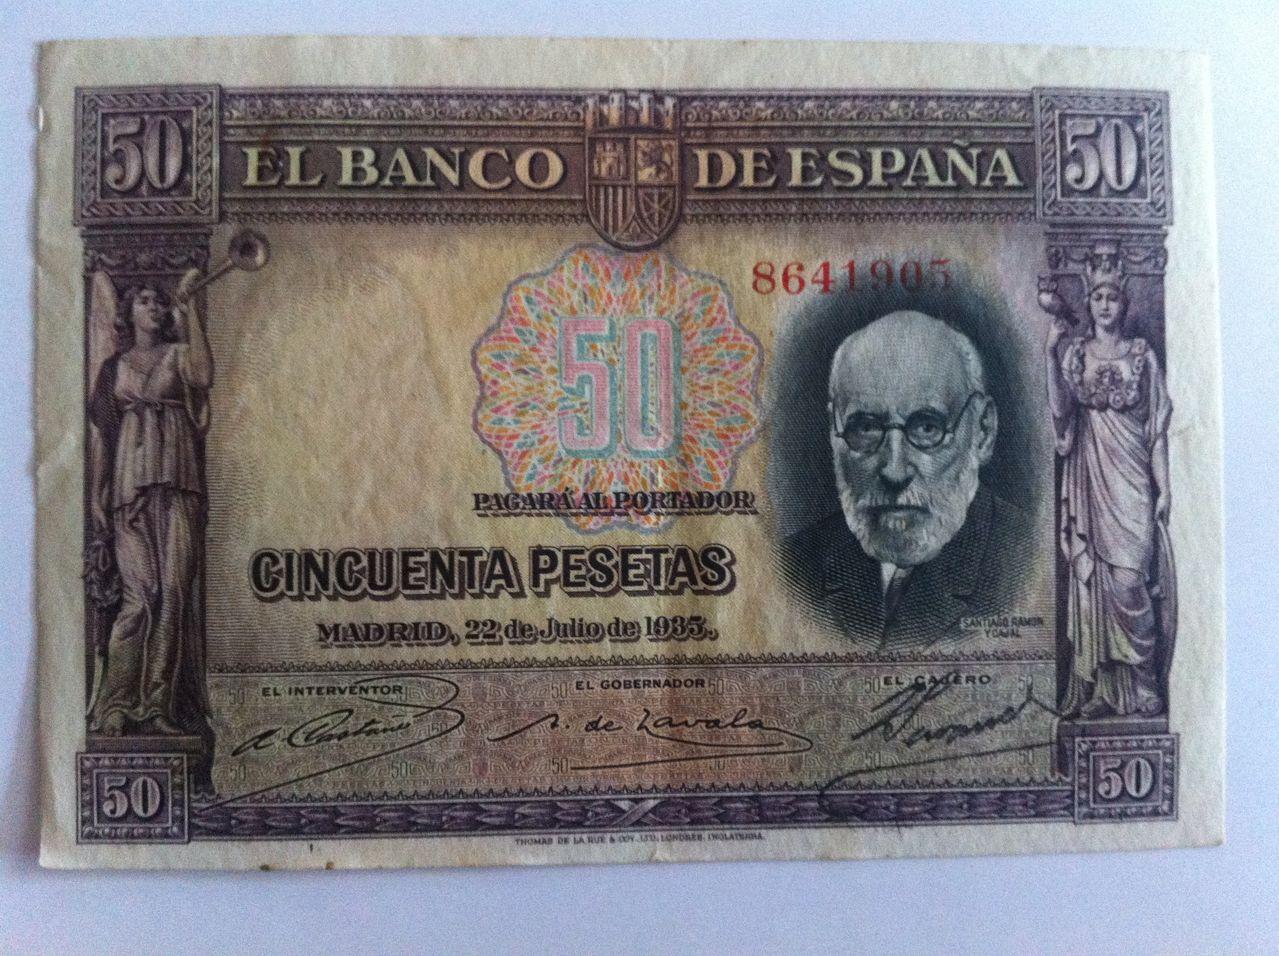 Ayuda para valorar coleccion de billetes IMG_4997